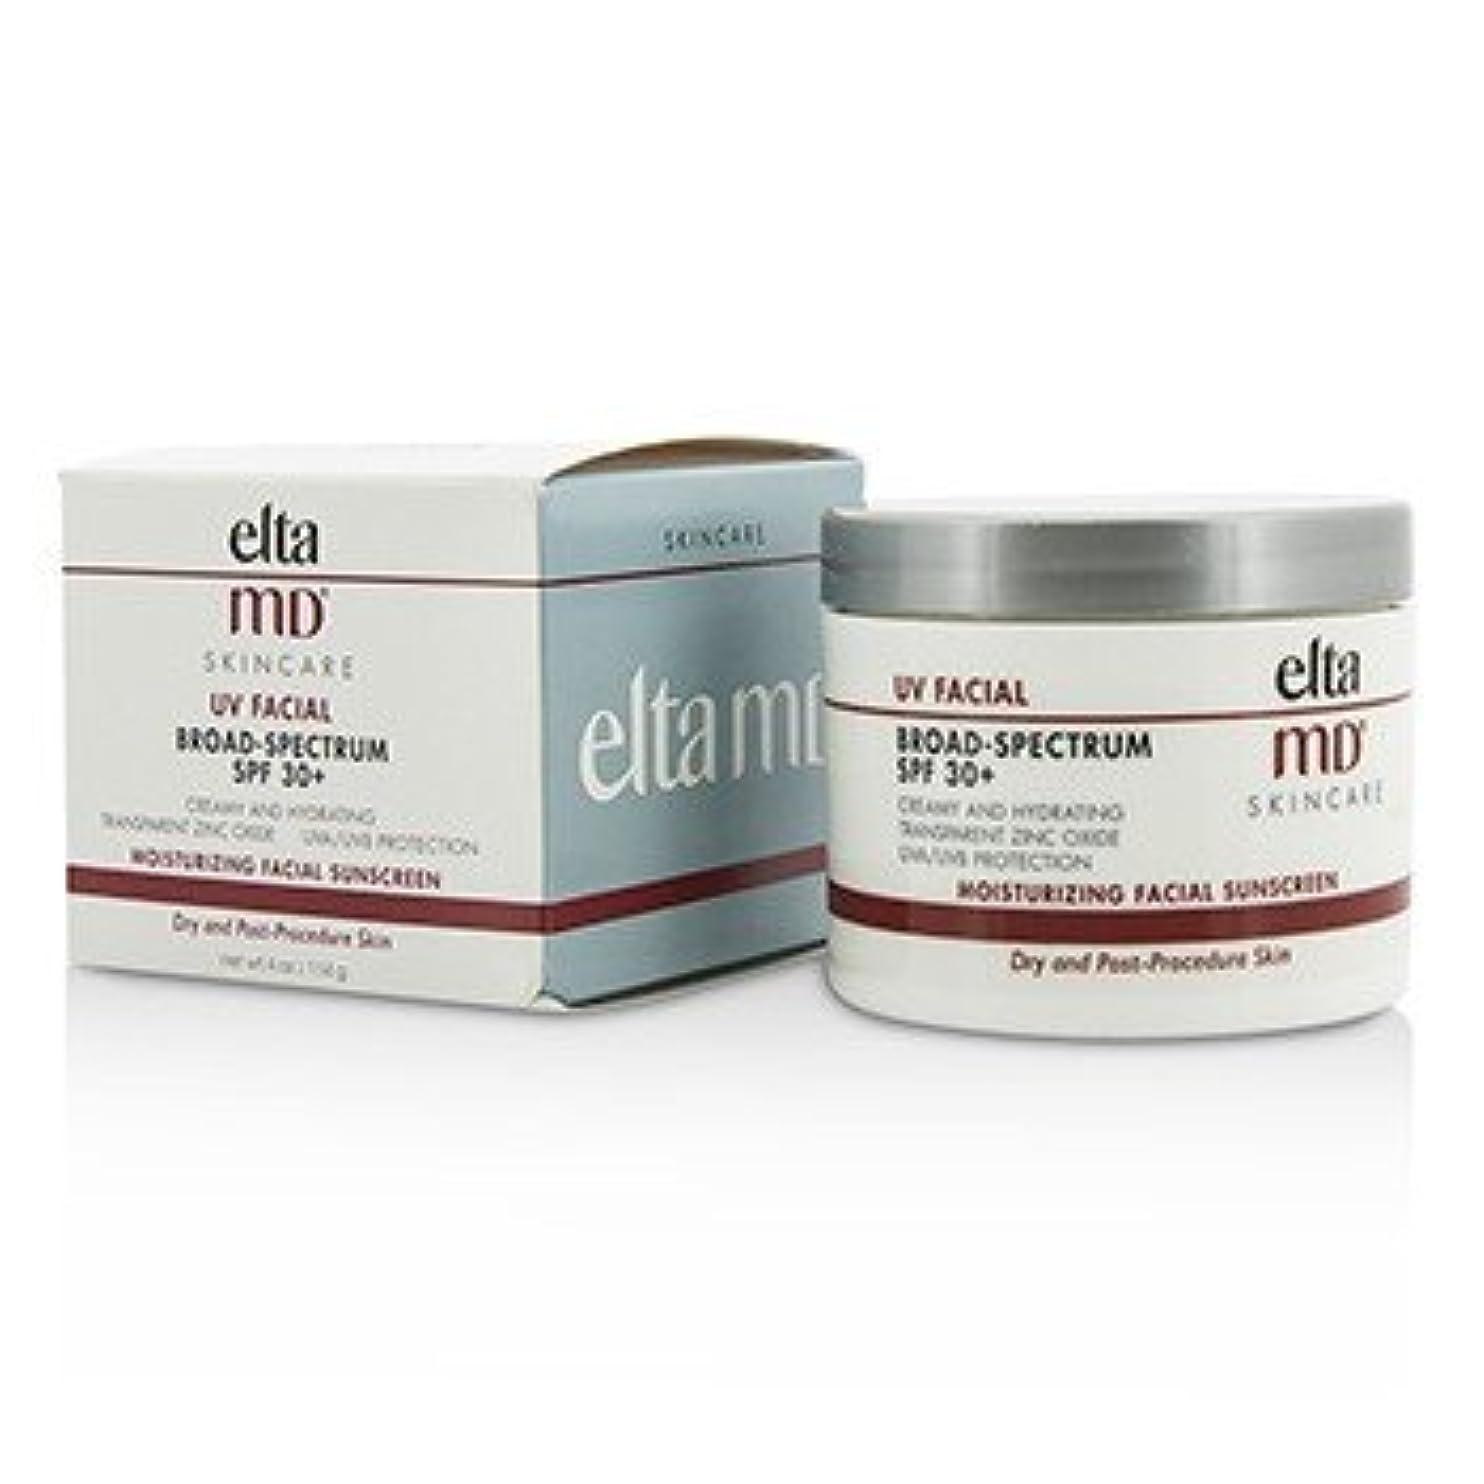 フライカイトゆでる怖がらせる[EltaMD] UV Facial Moisturizing Facial Sunscreen SPF 30 - For Dry & Post Procedure Skin 114g/4oz